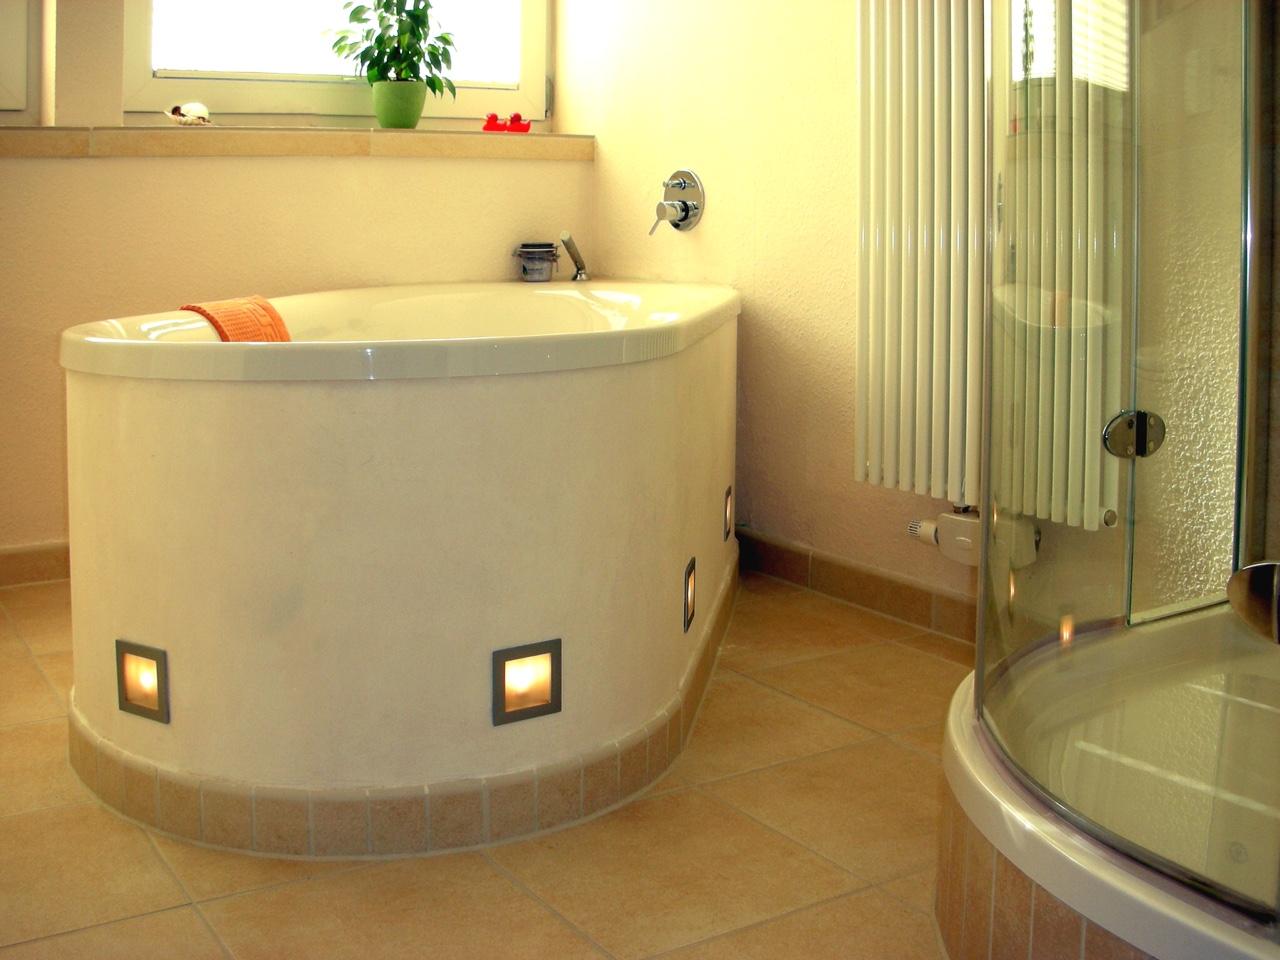 kleines badezimmer welche wanne (wohnen)